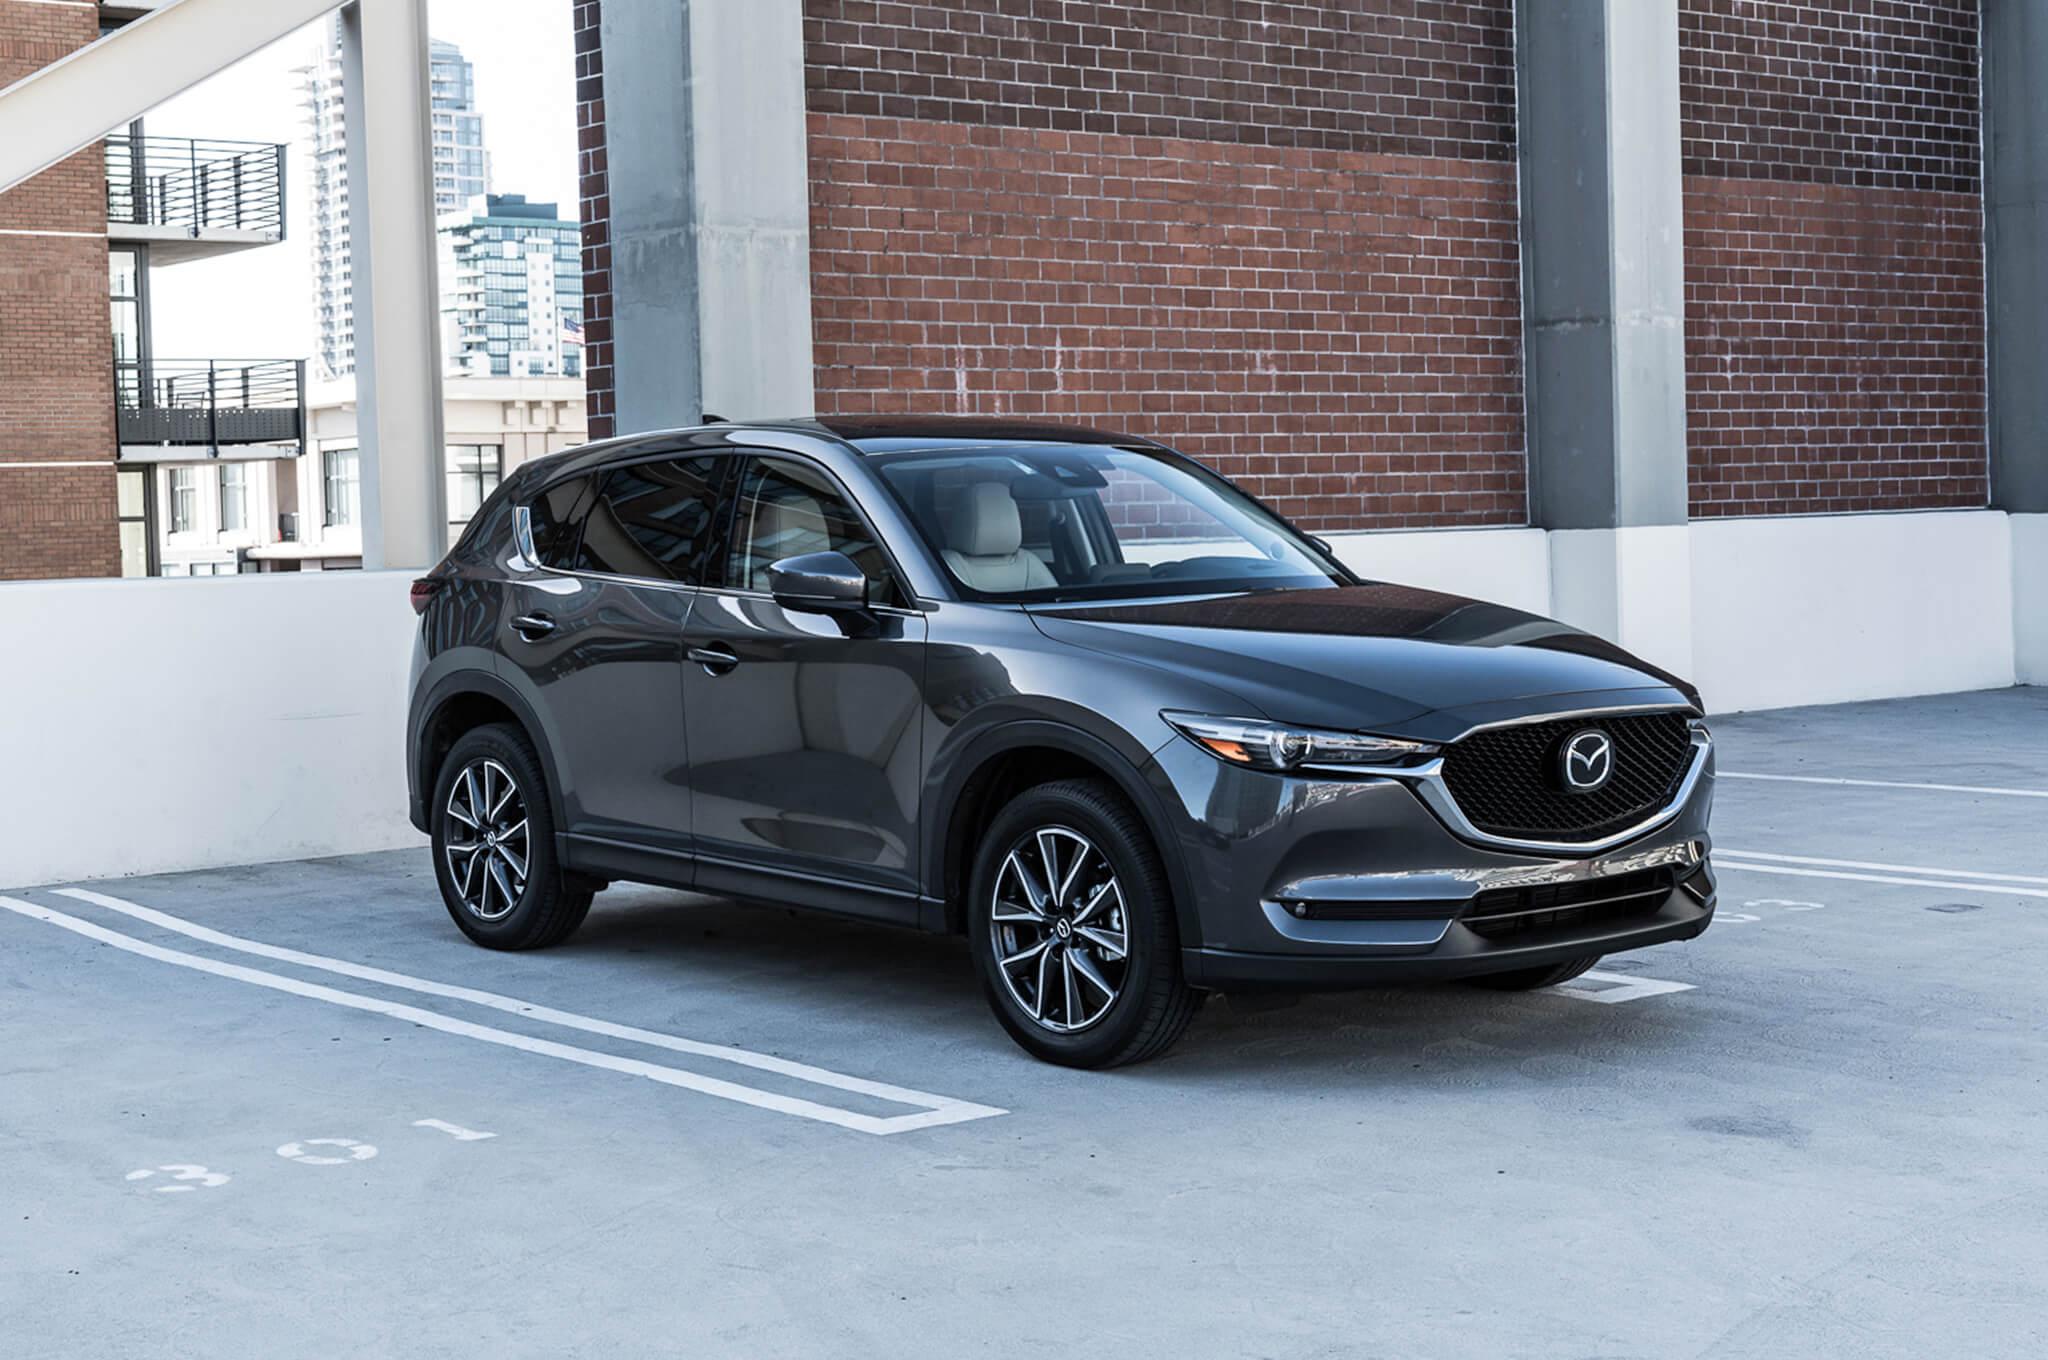 Обзор Mazda CX-5 2017 — Технические характеристики